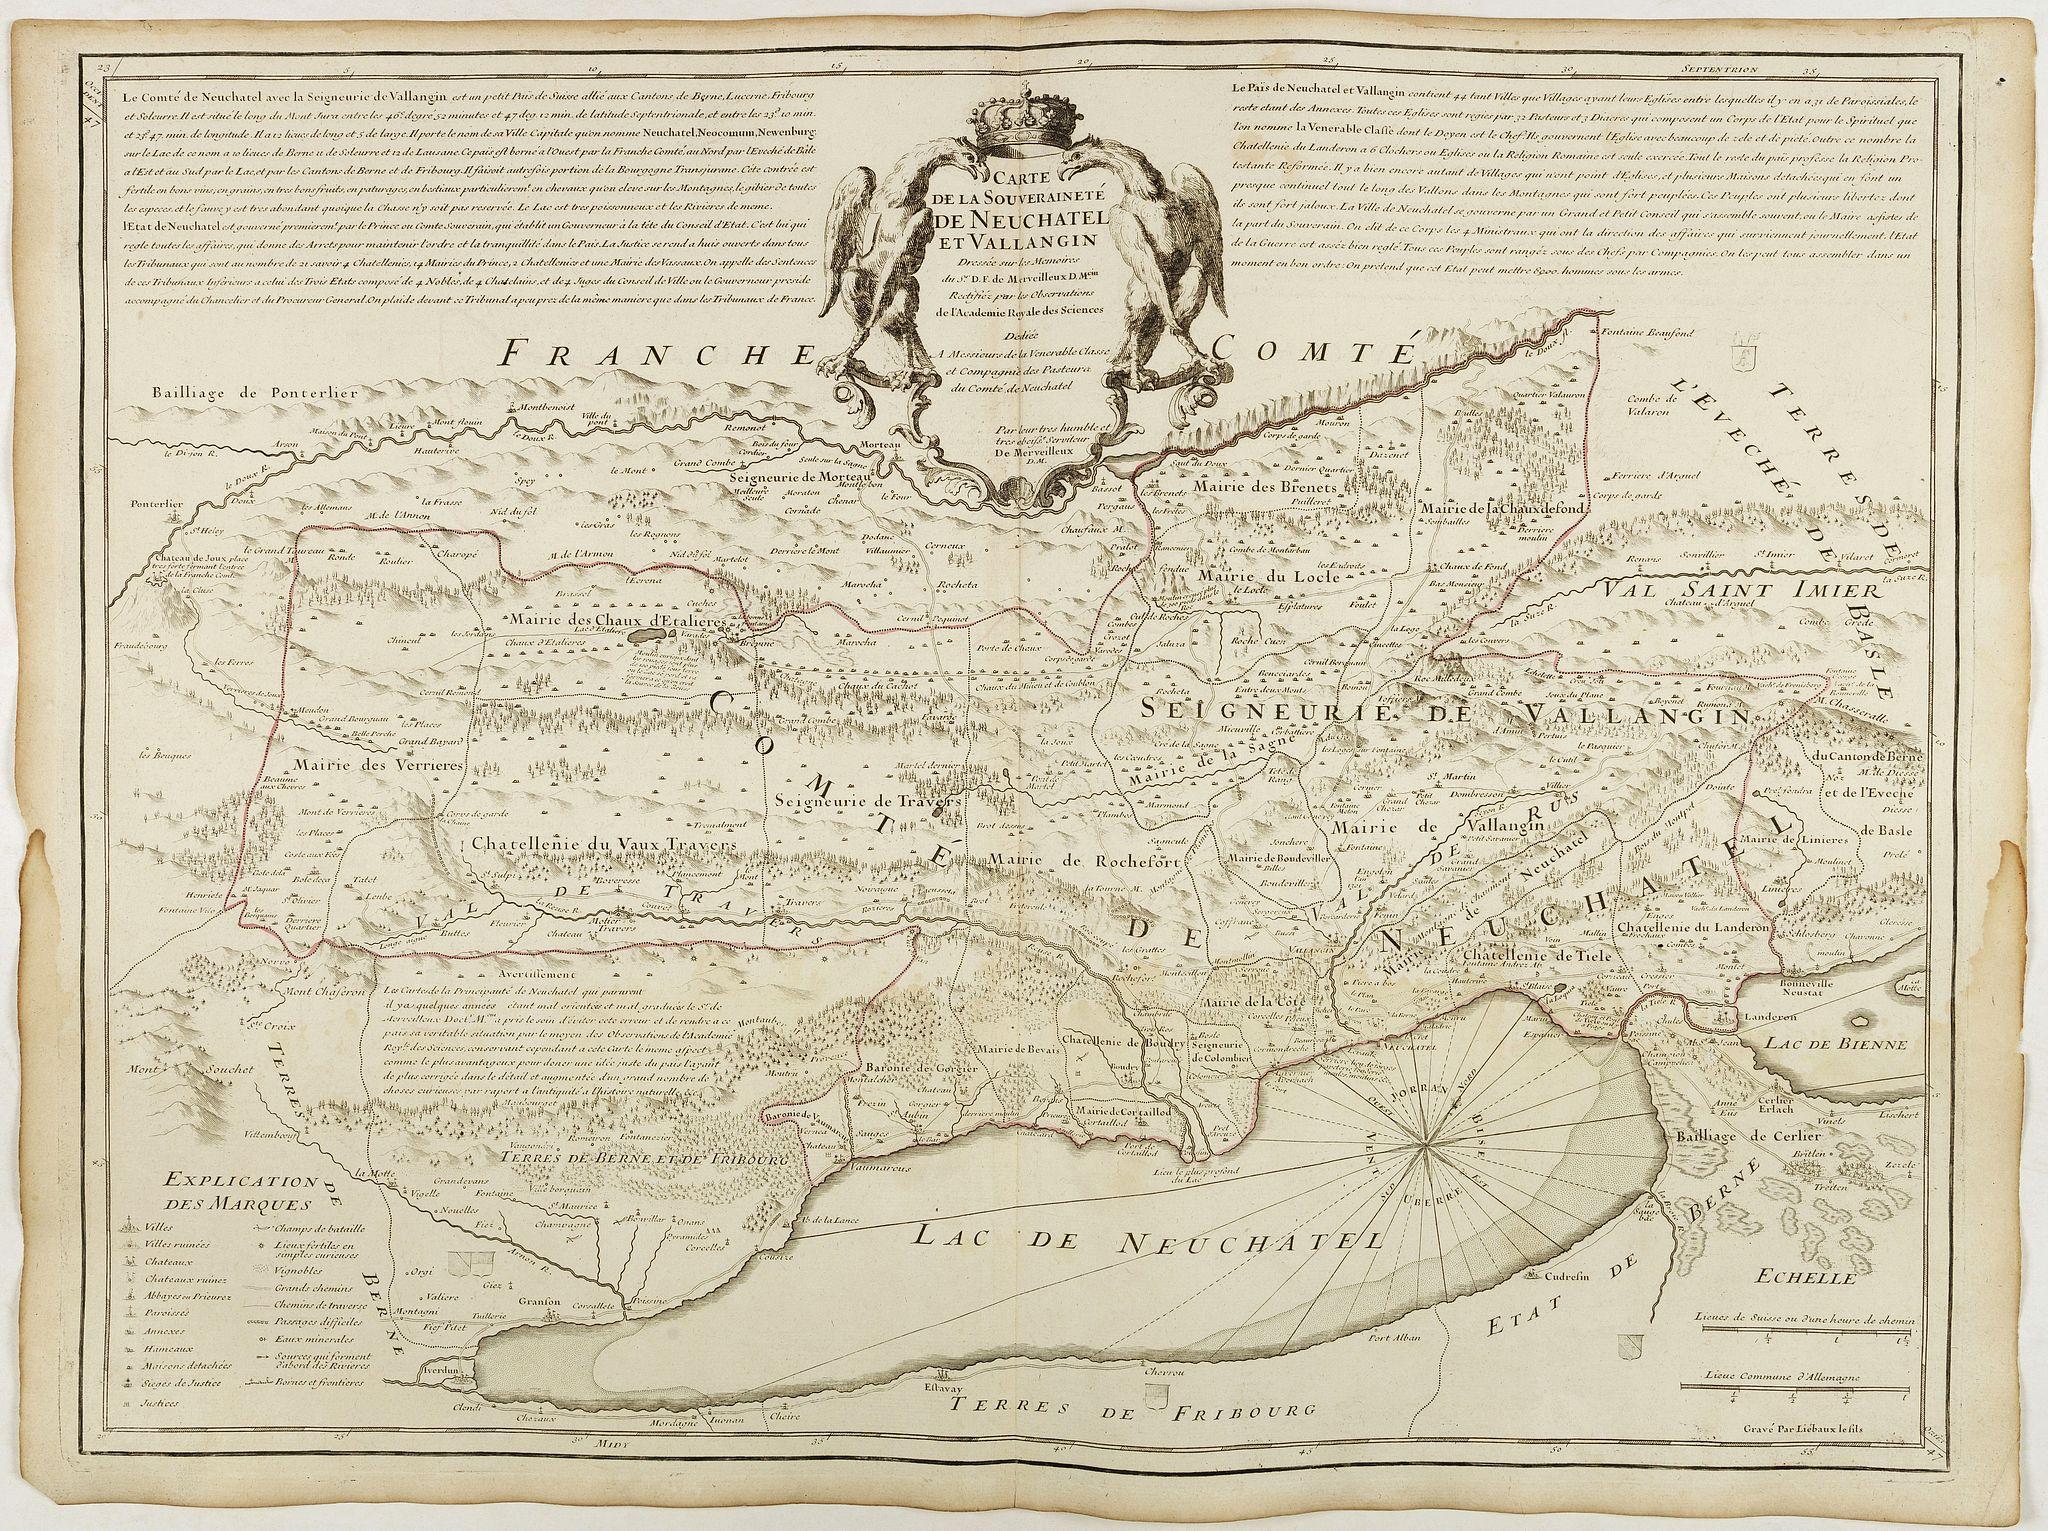 DE L'ISLE, G. -  Carte de la souveraineté de Neuchatel et Vallangin.